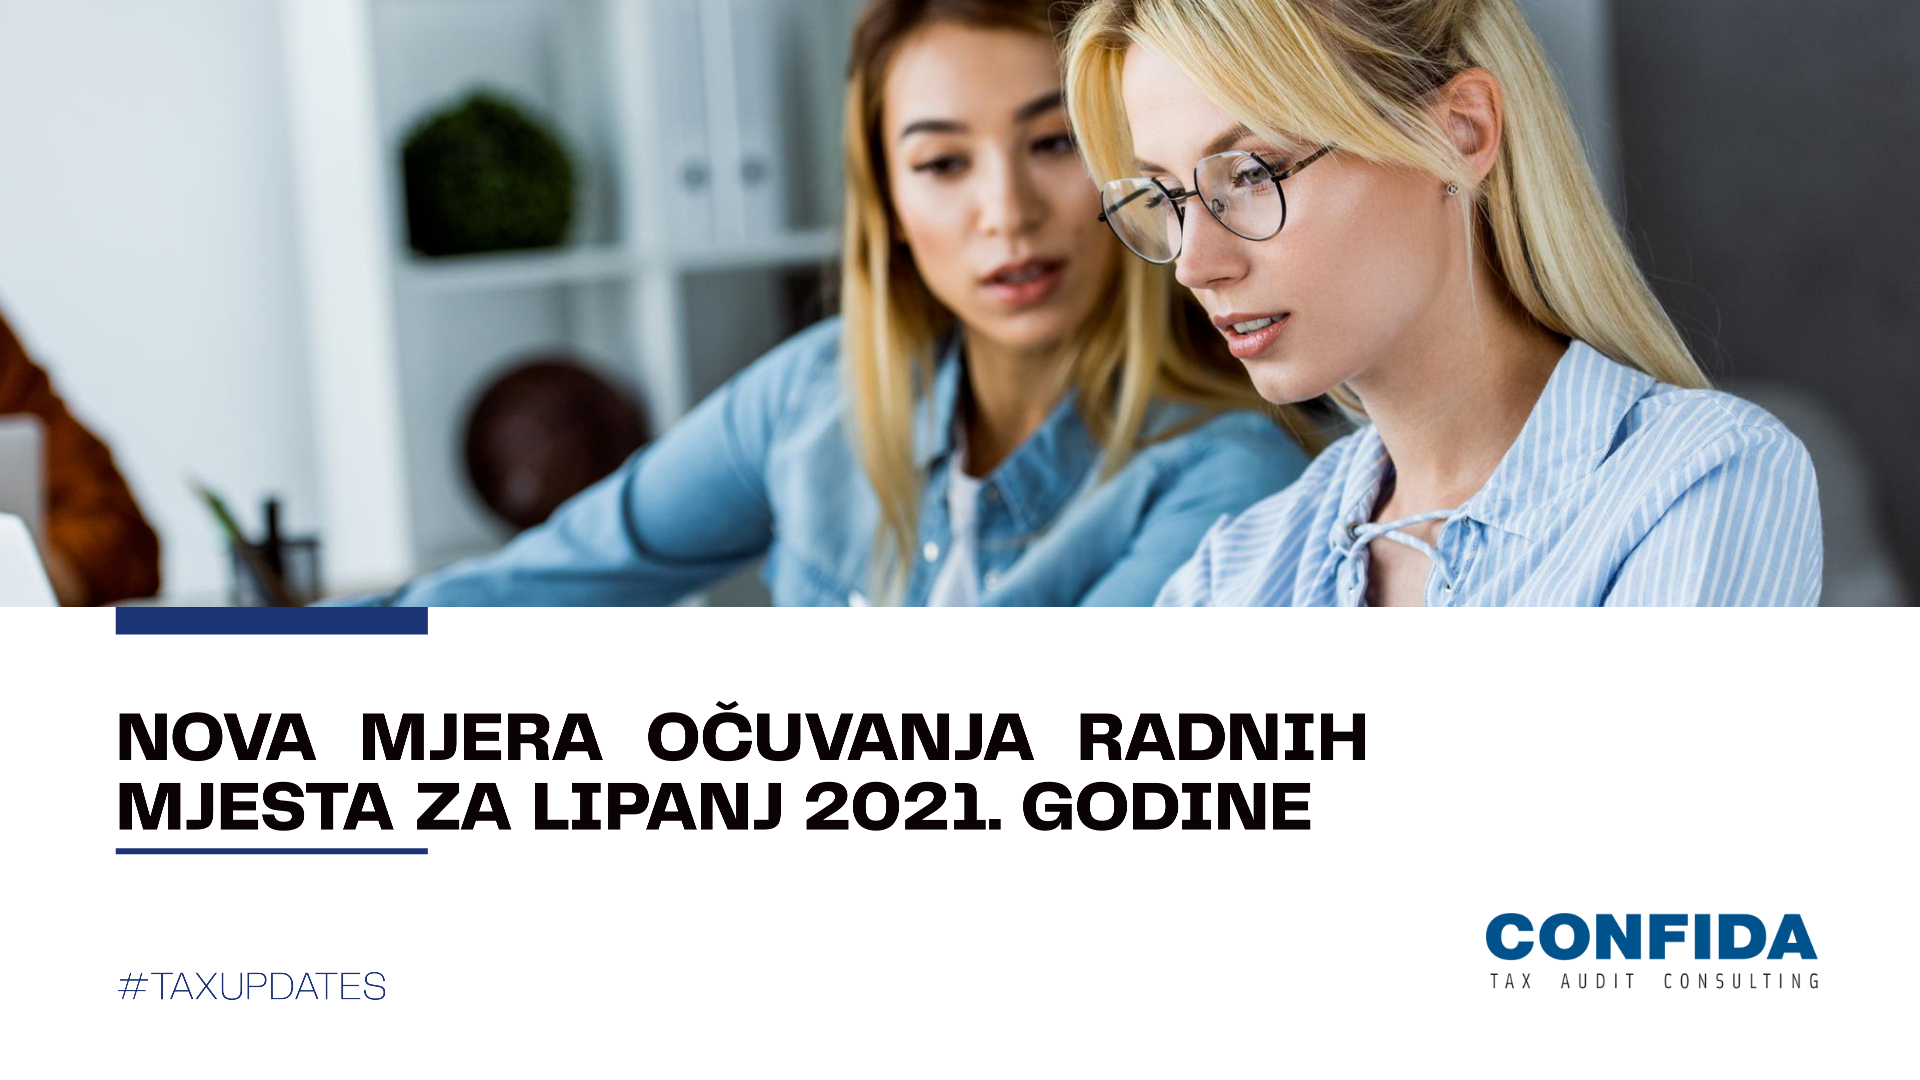 Nova mjera očuvanja radnih mjesta za lipanj 2021. godine